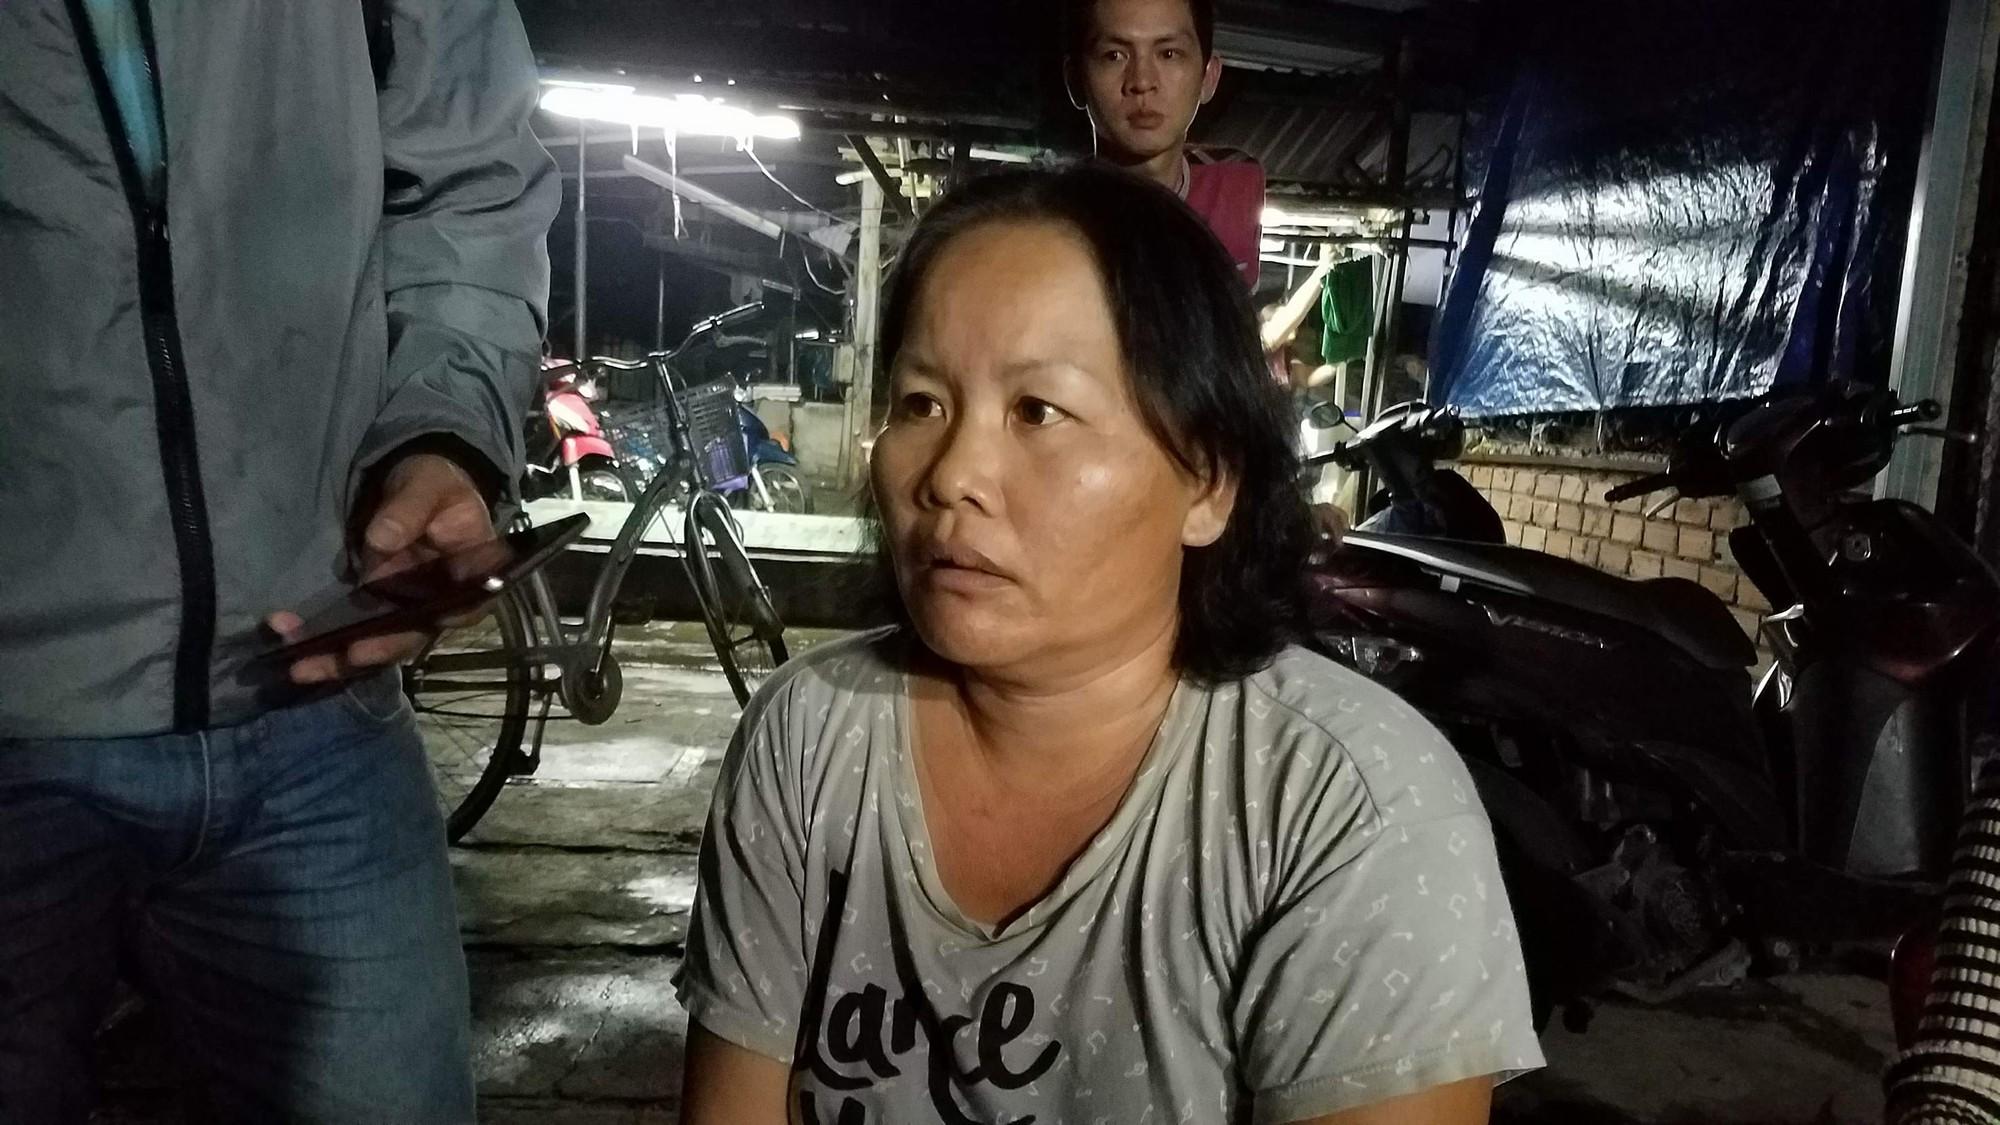 Nhân chứng vụ sập cầu ở Sài Gòn: Tài xế trong xe tải chỉ kịp kêu lên Cứu, cứu rồi chìm dần - Ảnh 8.